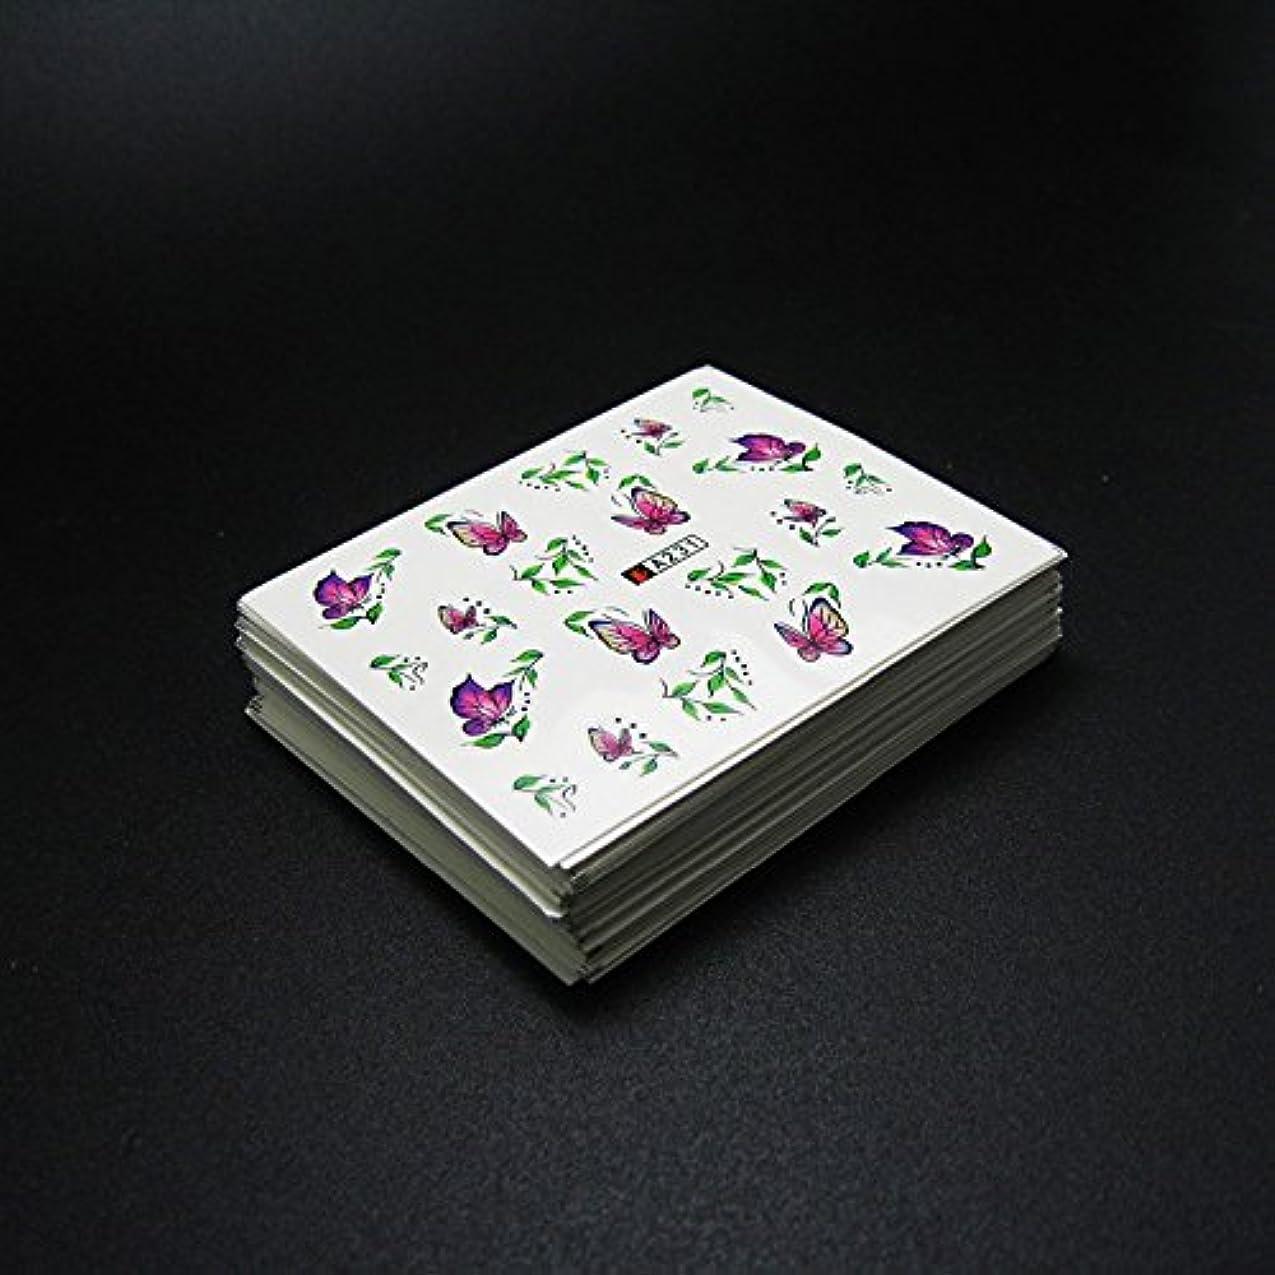 牛音楽家宿泊施設50枚ネイルシールの花混在デザイン水転送ネイルアートステッカーウォーターマークデカールDIYデコレーション美容爪用ツール